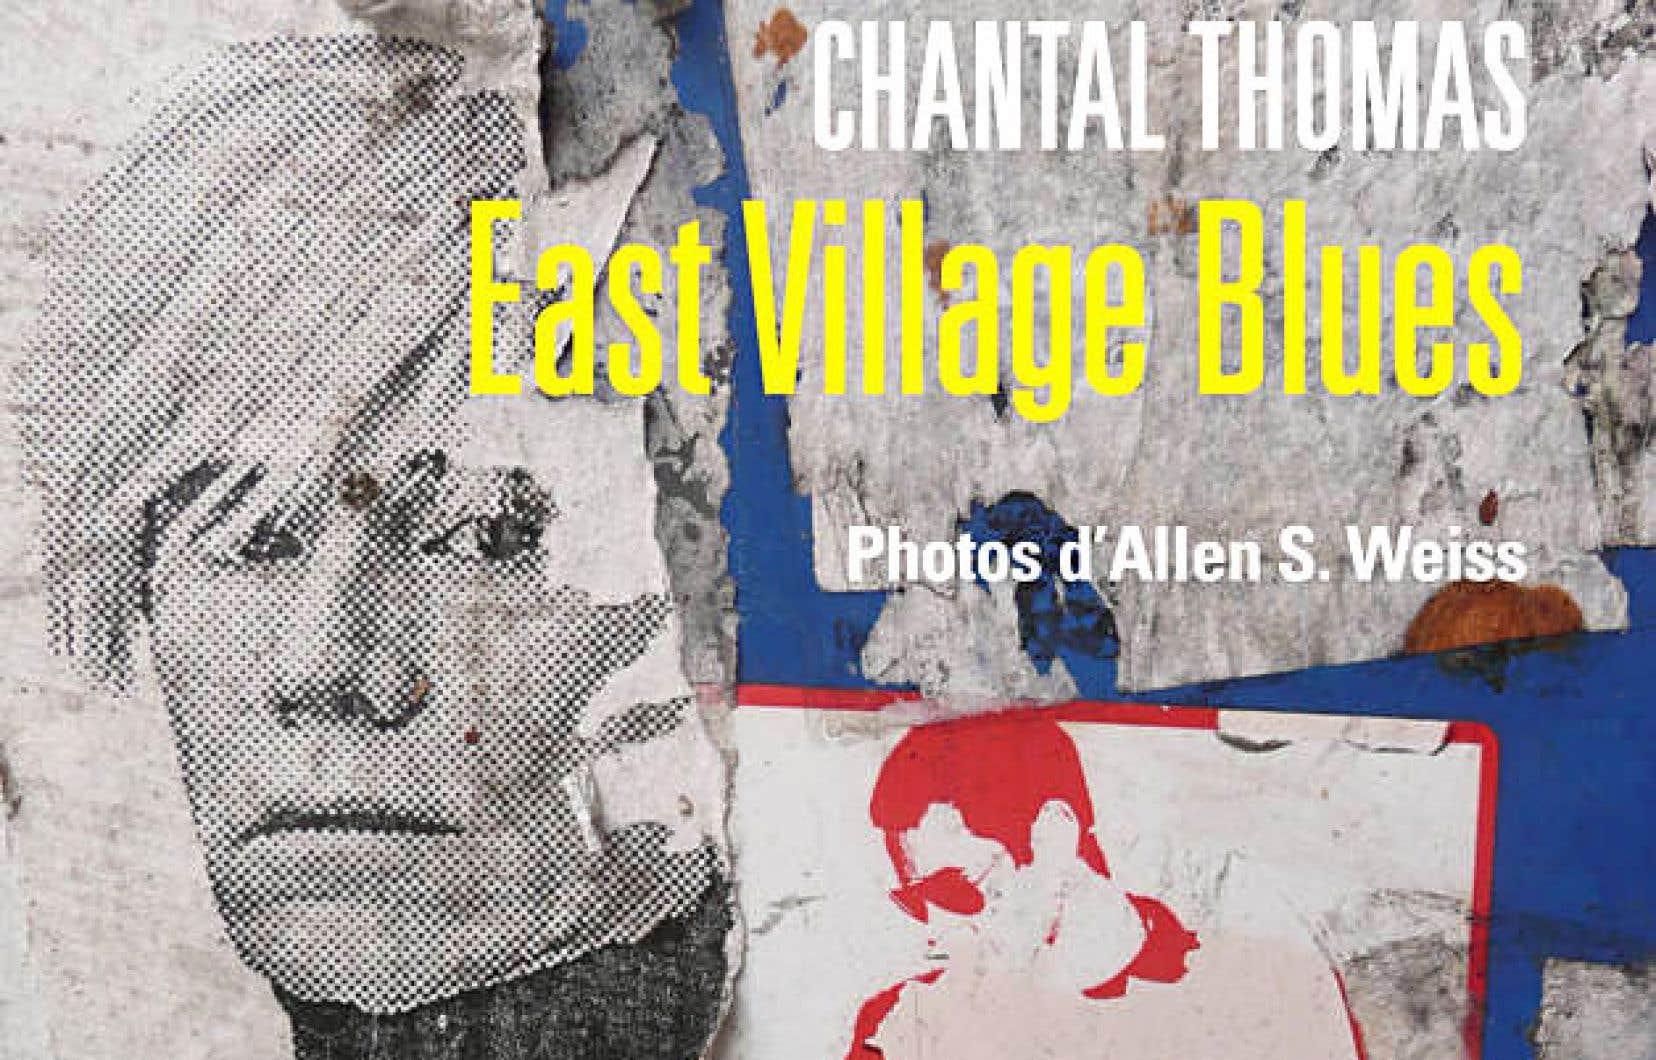 La plume de la romancière épate, mais il est difficile de s'approprier le blues que tente de raconter Chantal Thomas.